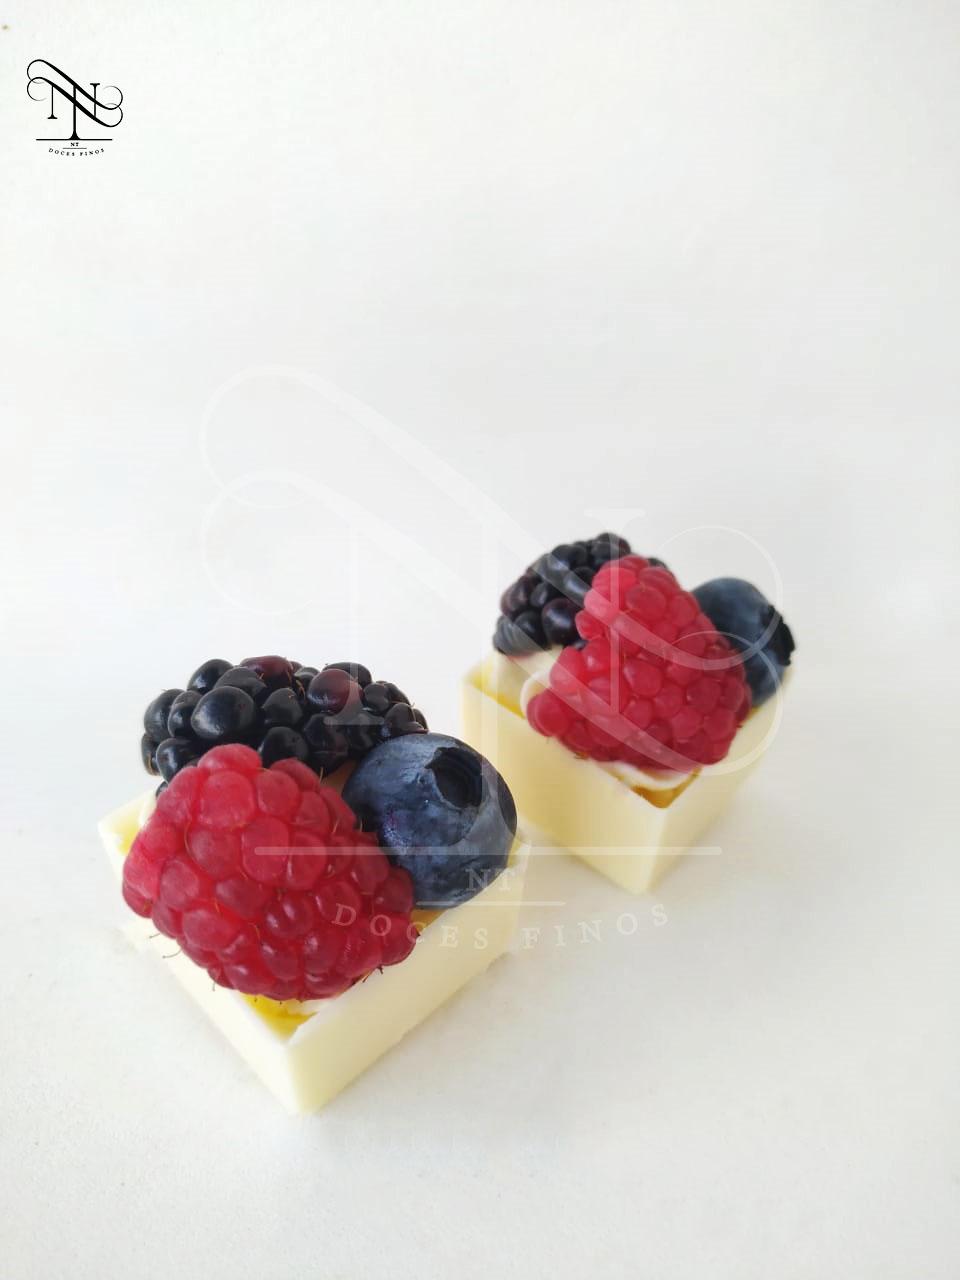 Cestinha com frutas vermelhas